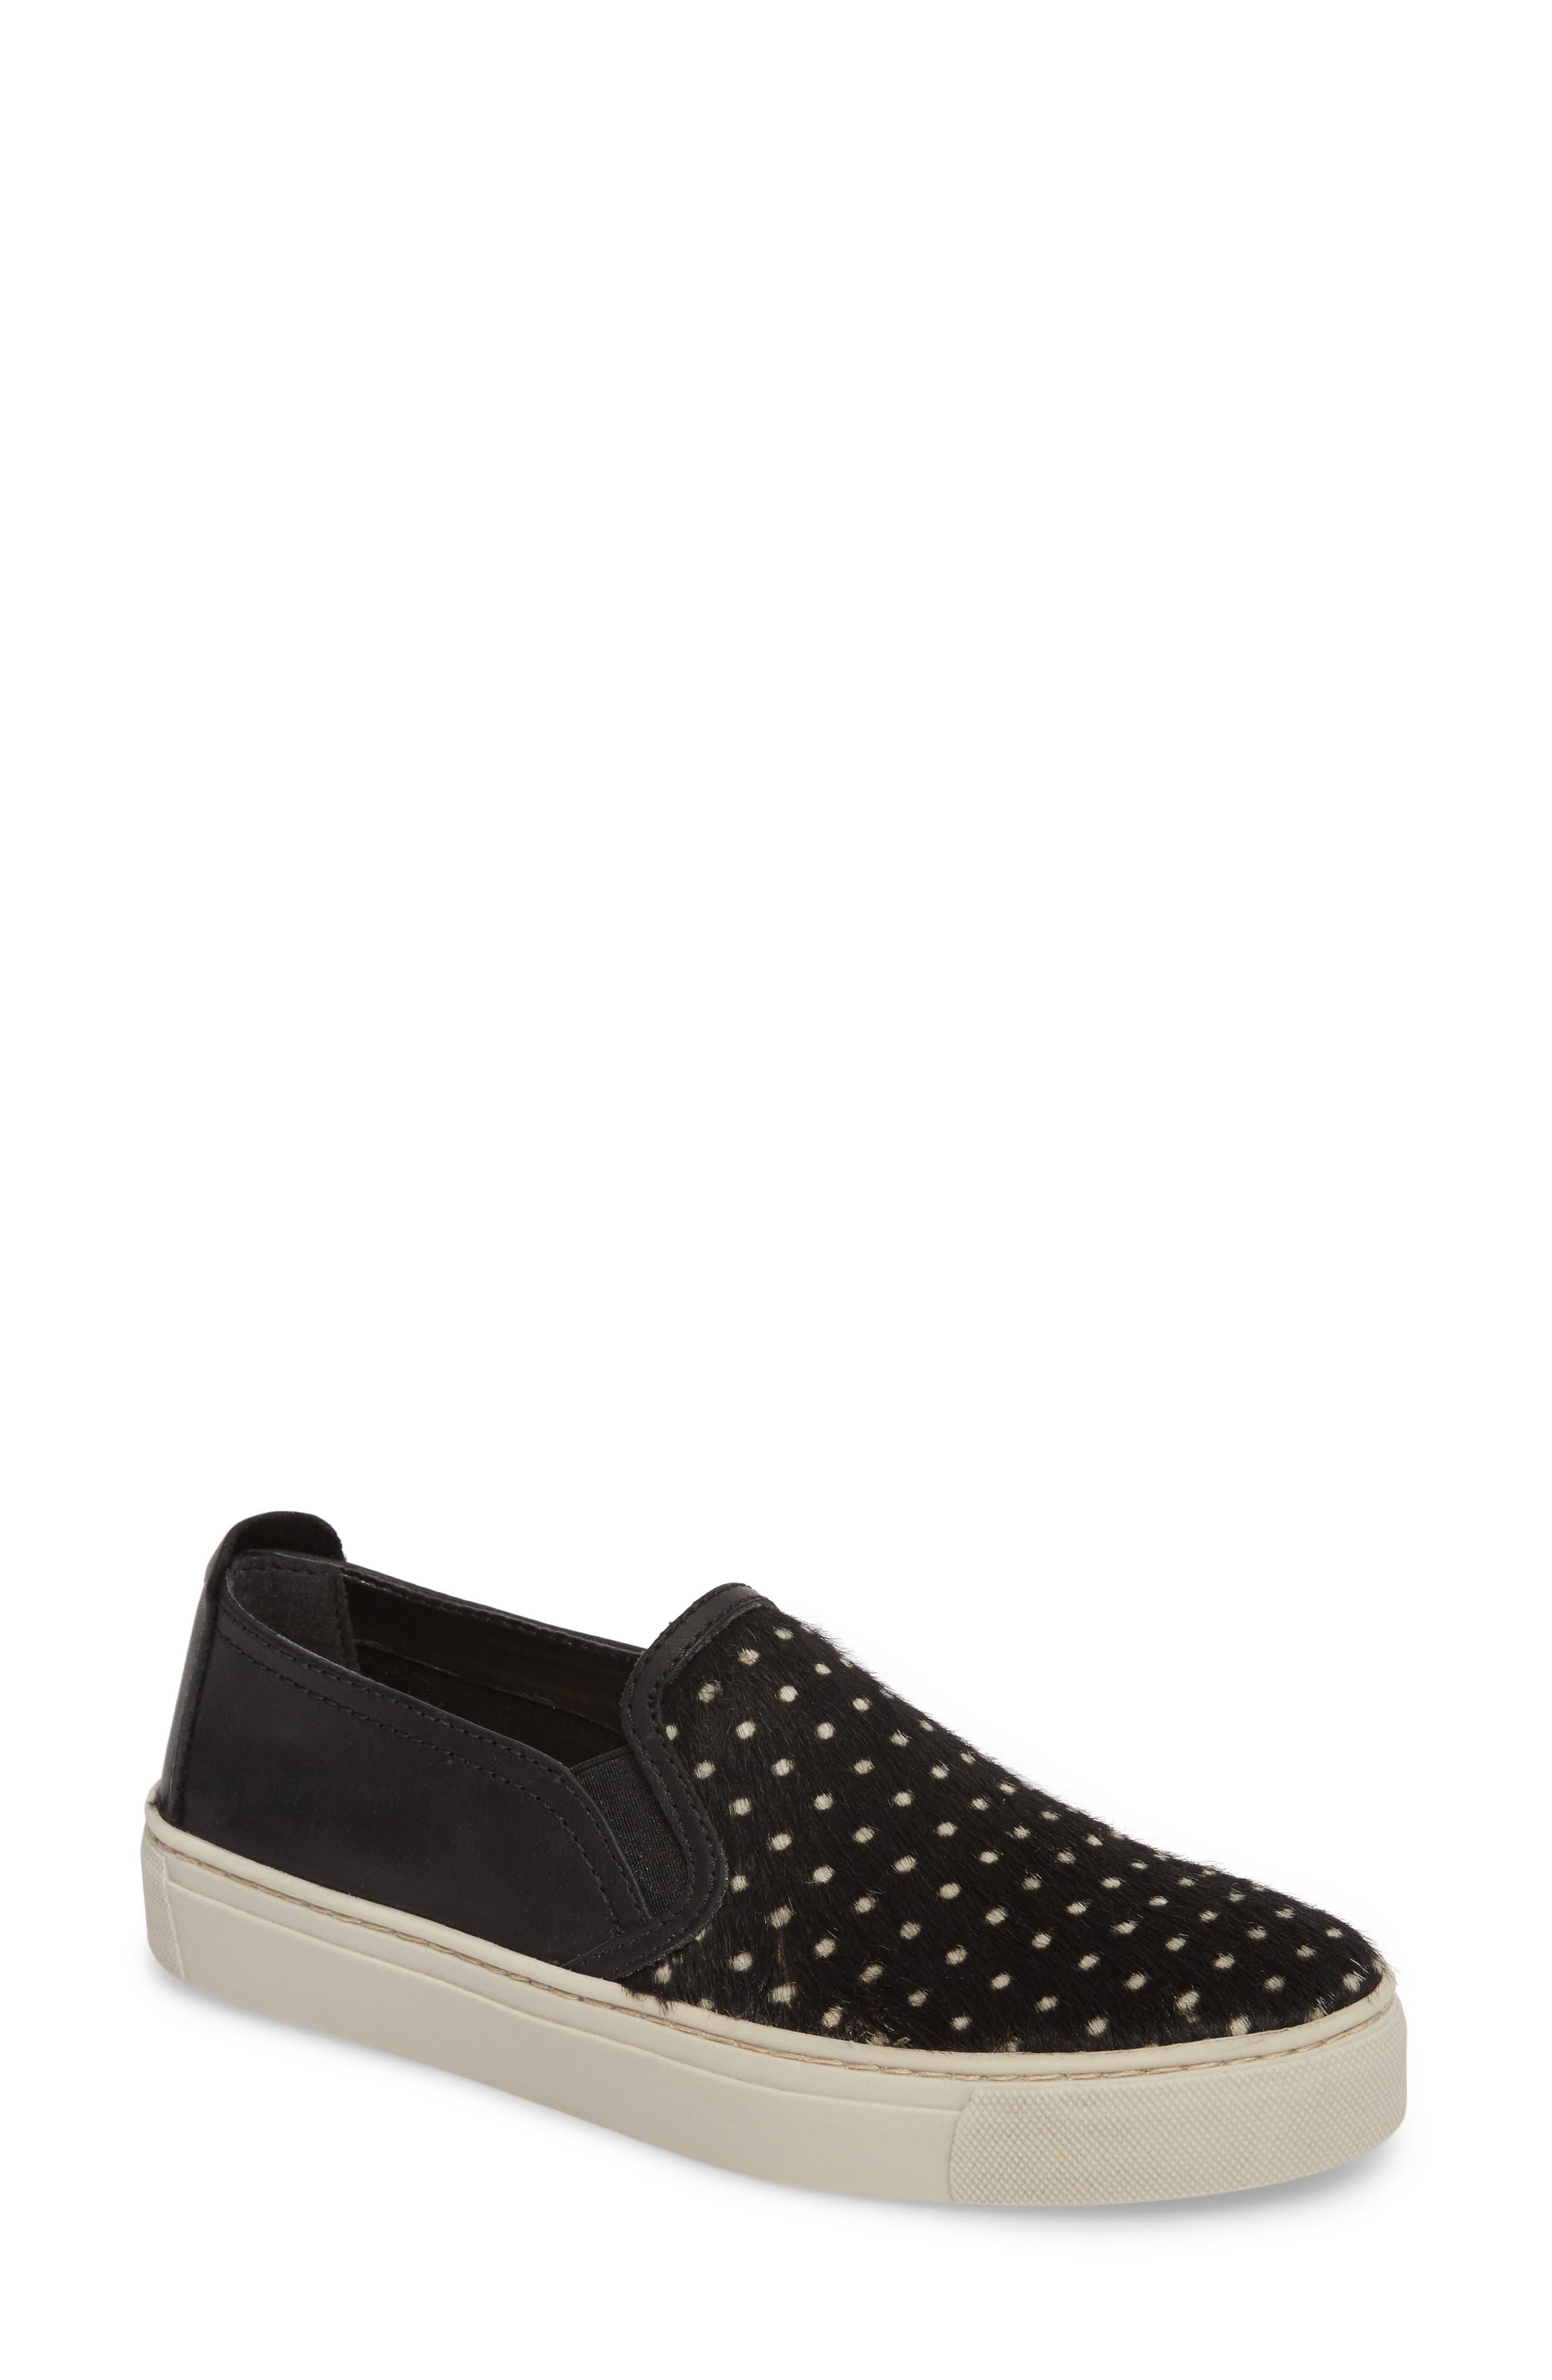 The FLEXX Sneak About Slip-On Sneaker (Women)